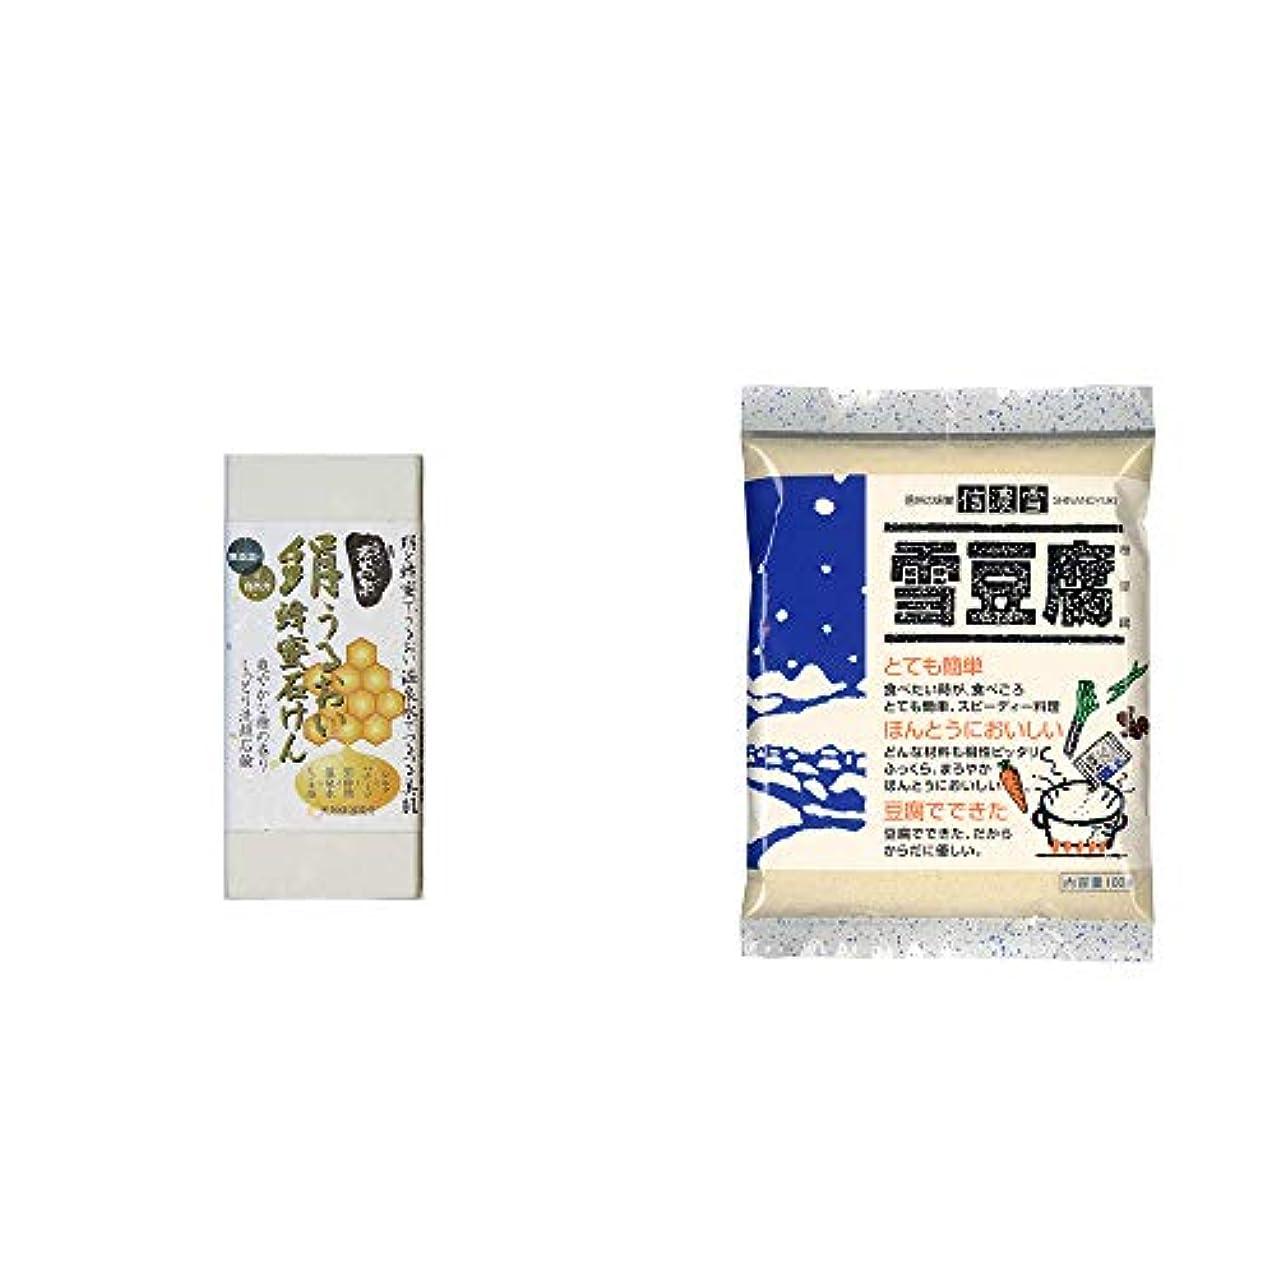 クリスマス地質学意気込み[2点セット] ひのき炭黒泉 絹うるおい蜂蜜石けん(75g×2)?信濃雪 雪豆腐(粉豆腐)(100g)